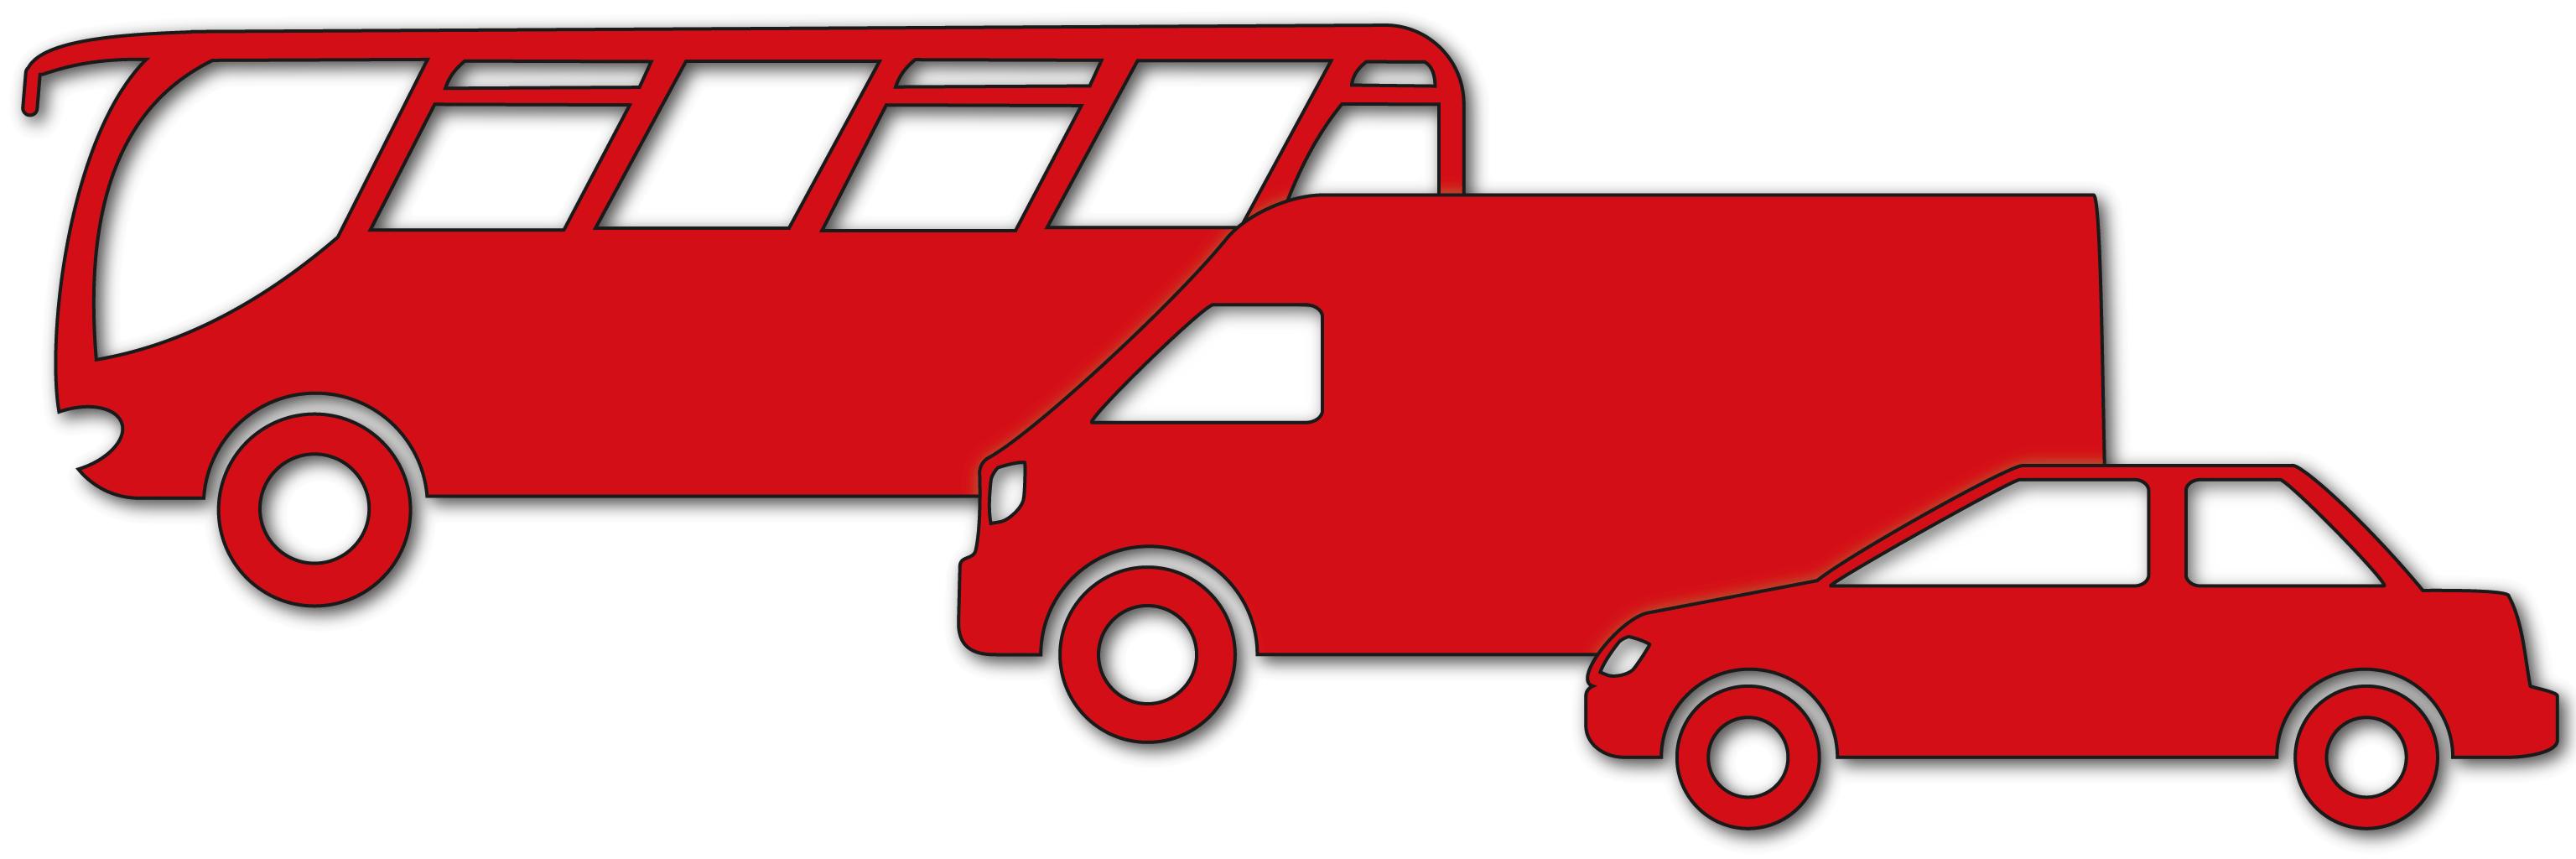 Sammelbild Transporter Bus Pkw